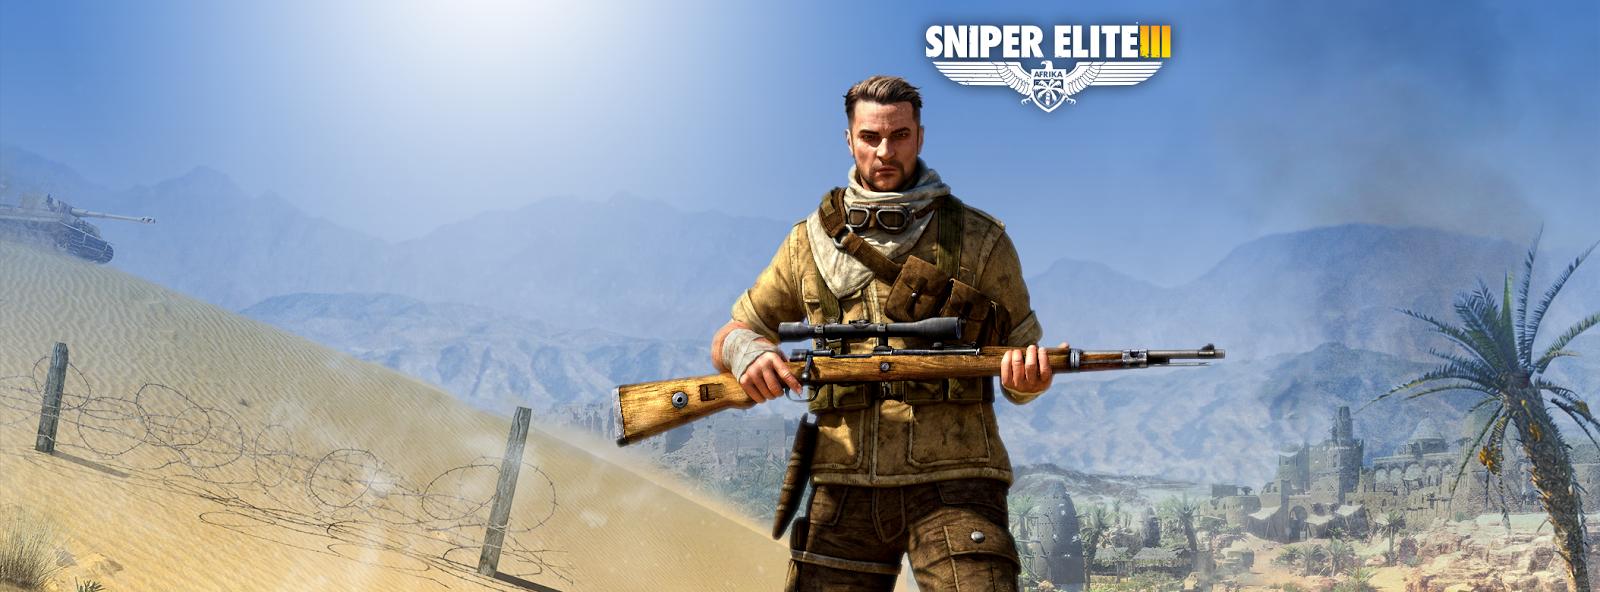 Spesifikasi PC Untuk Sniper Elite 3 (505 Games)